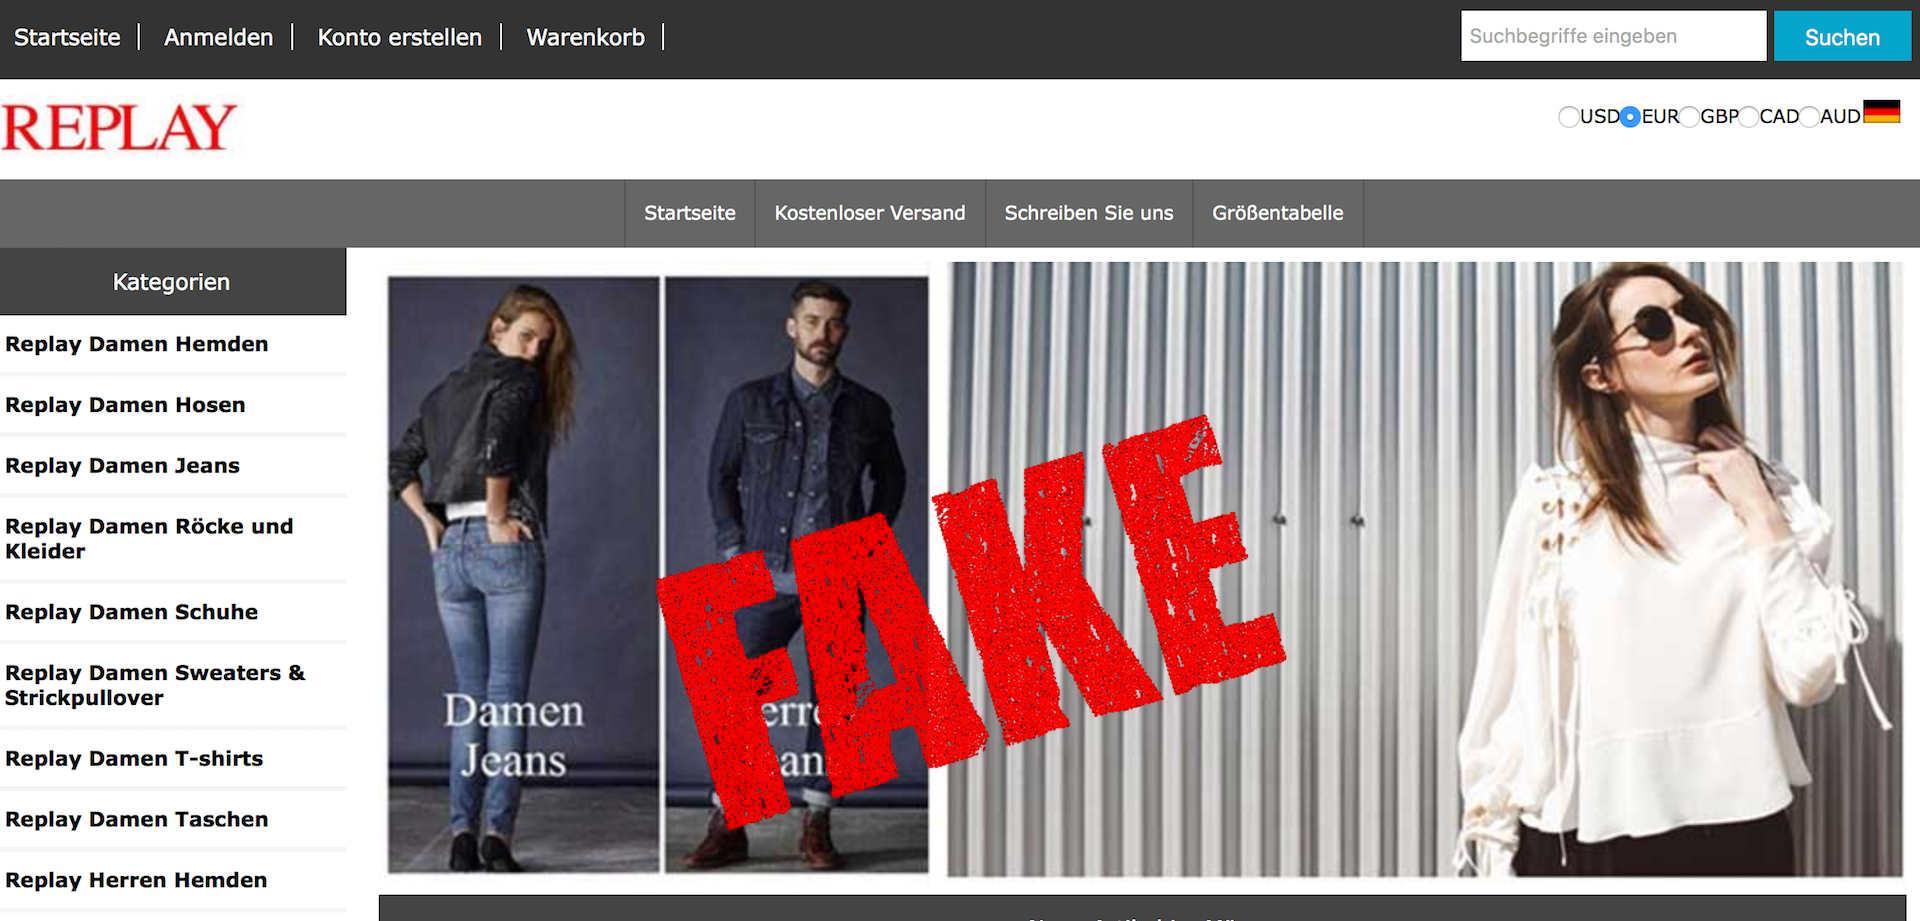 cheap for discount cf851 fb085 Fake-Shop: Replayonlinesale.de - Finger weg! - Sicheres-Netz ...